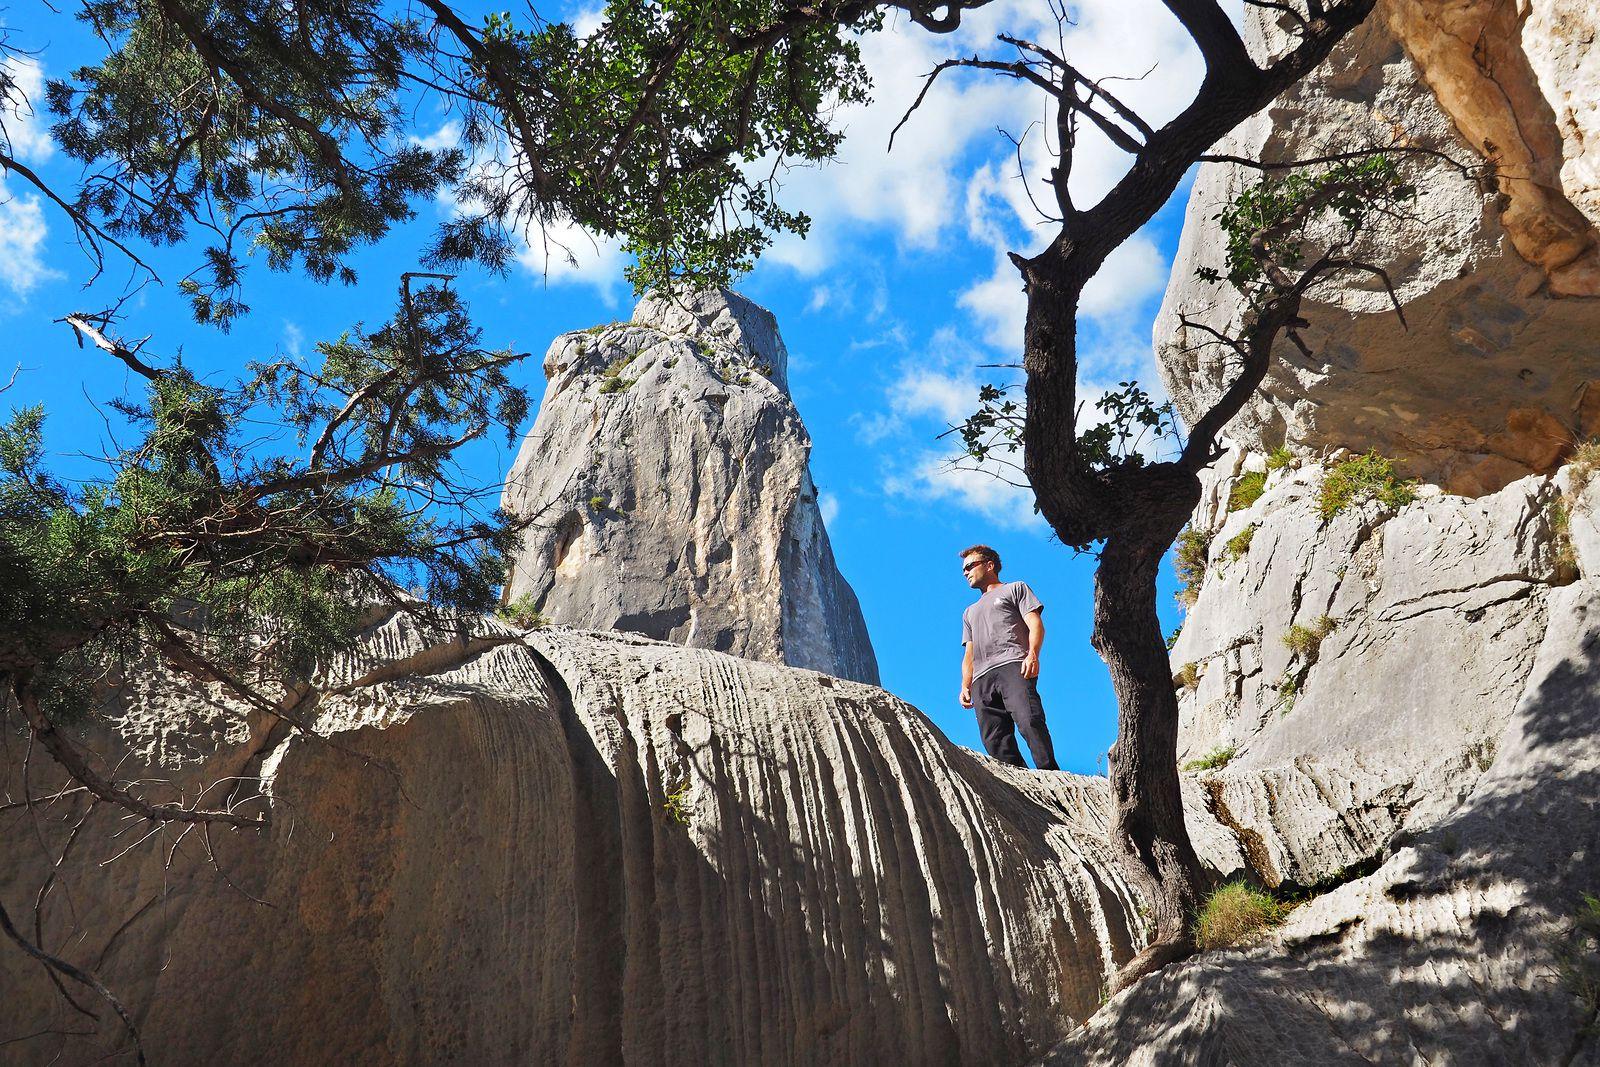 Les Supramonte se trouvent sur la côte est de la Sardaigne, où se déroule le fameux trek du Selvaggio Blu. Son fleuron, classé au patrimoine de l'UNESCO, est la crique de Goloritze, avec sa superbe aiguille. Il est intéressant d'aller crapahuter dessus, ou au moins autour....